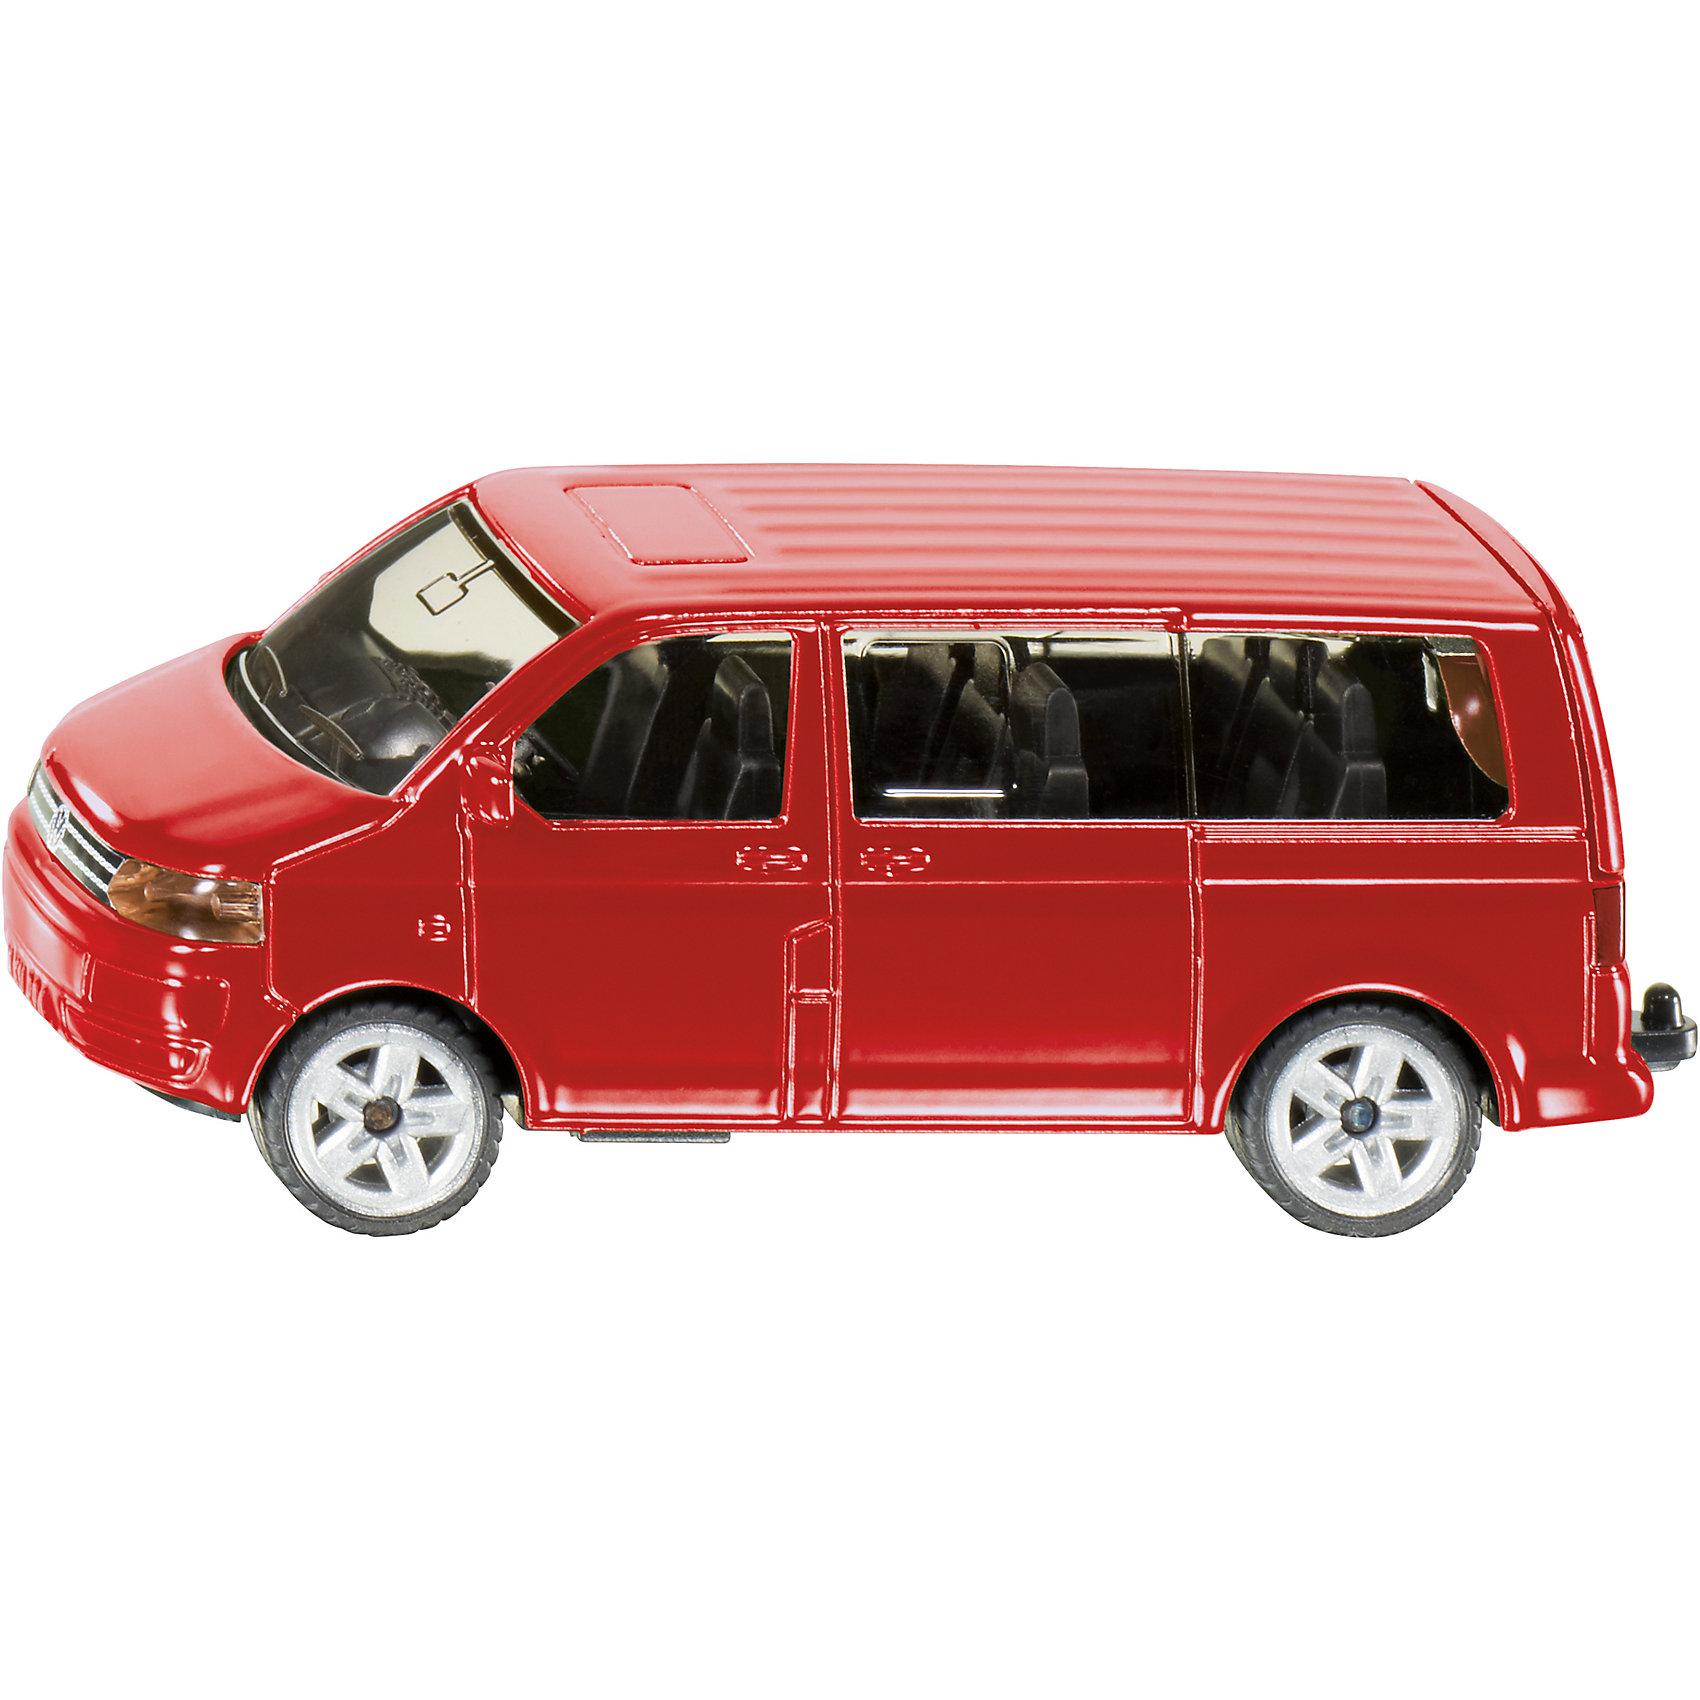 SIKU SIKU 1070 VW Multivan siku siku 1007 bmw 645i cabrio